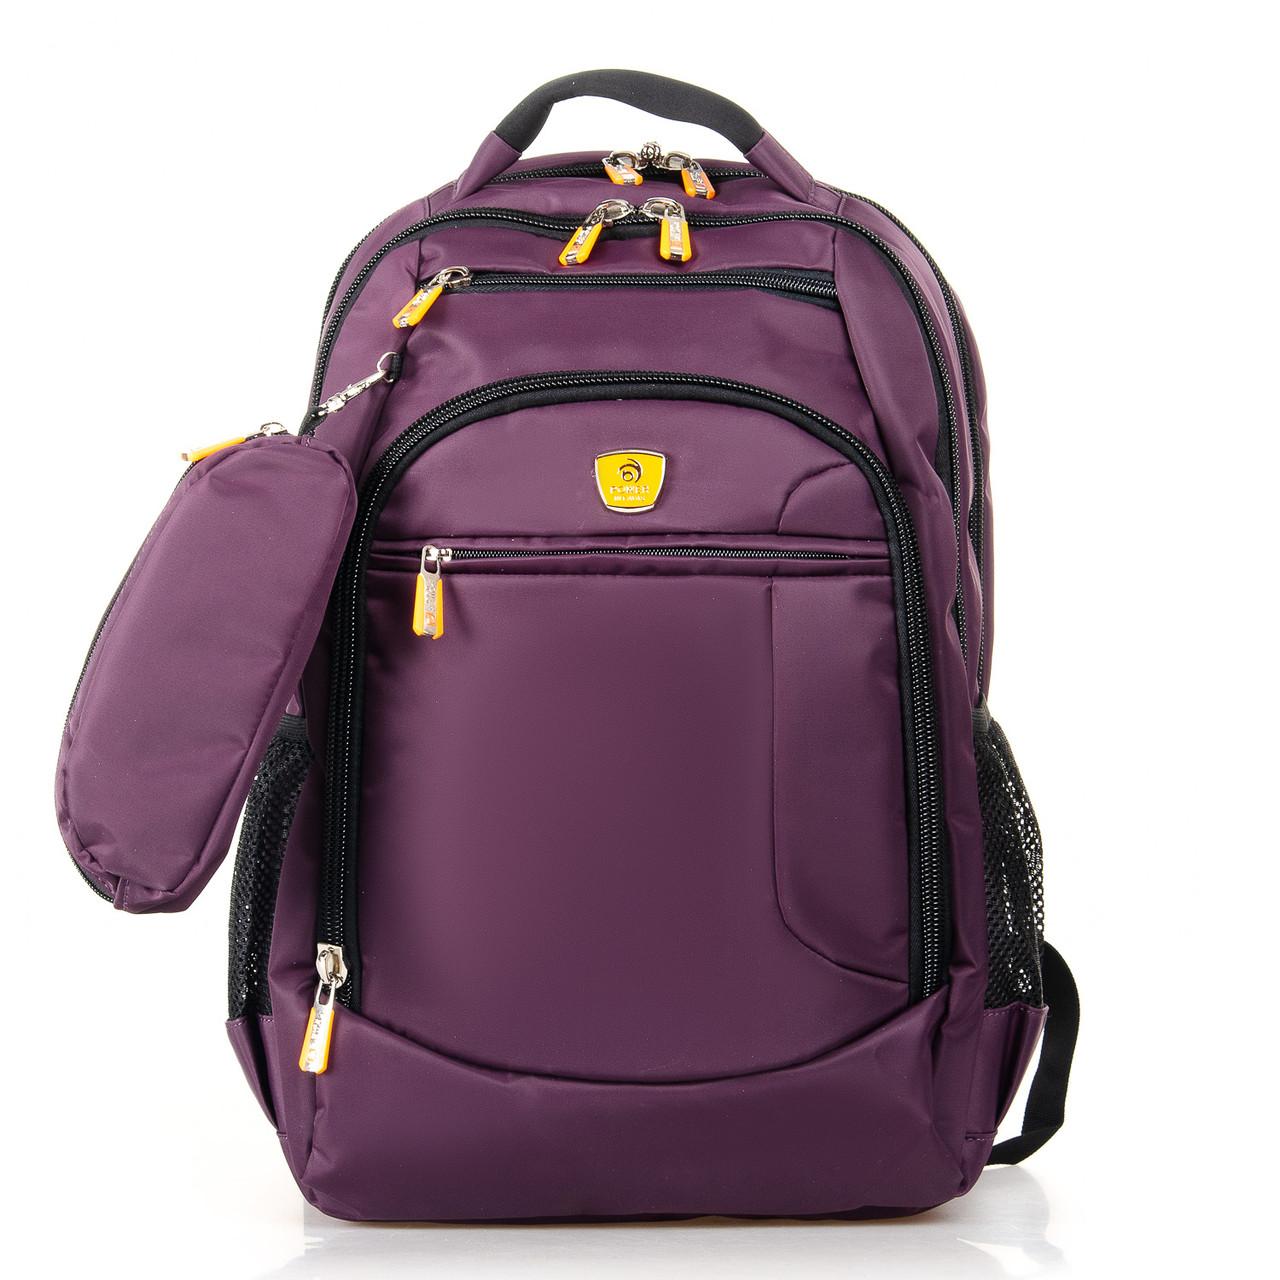 Рюкзак школьный подростковый для мальчика 2 отдела фиолетовый 45*34 см Power In Eavas 5143